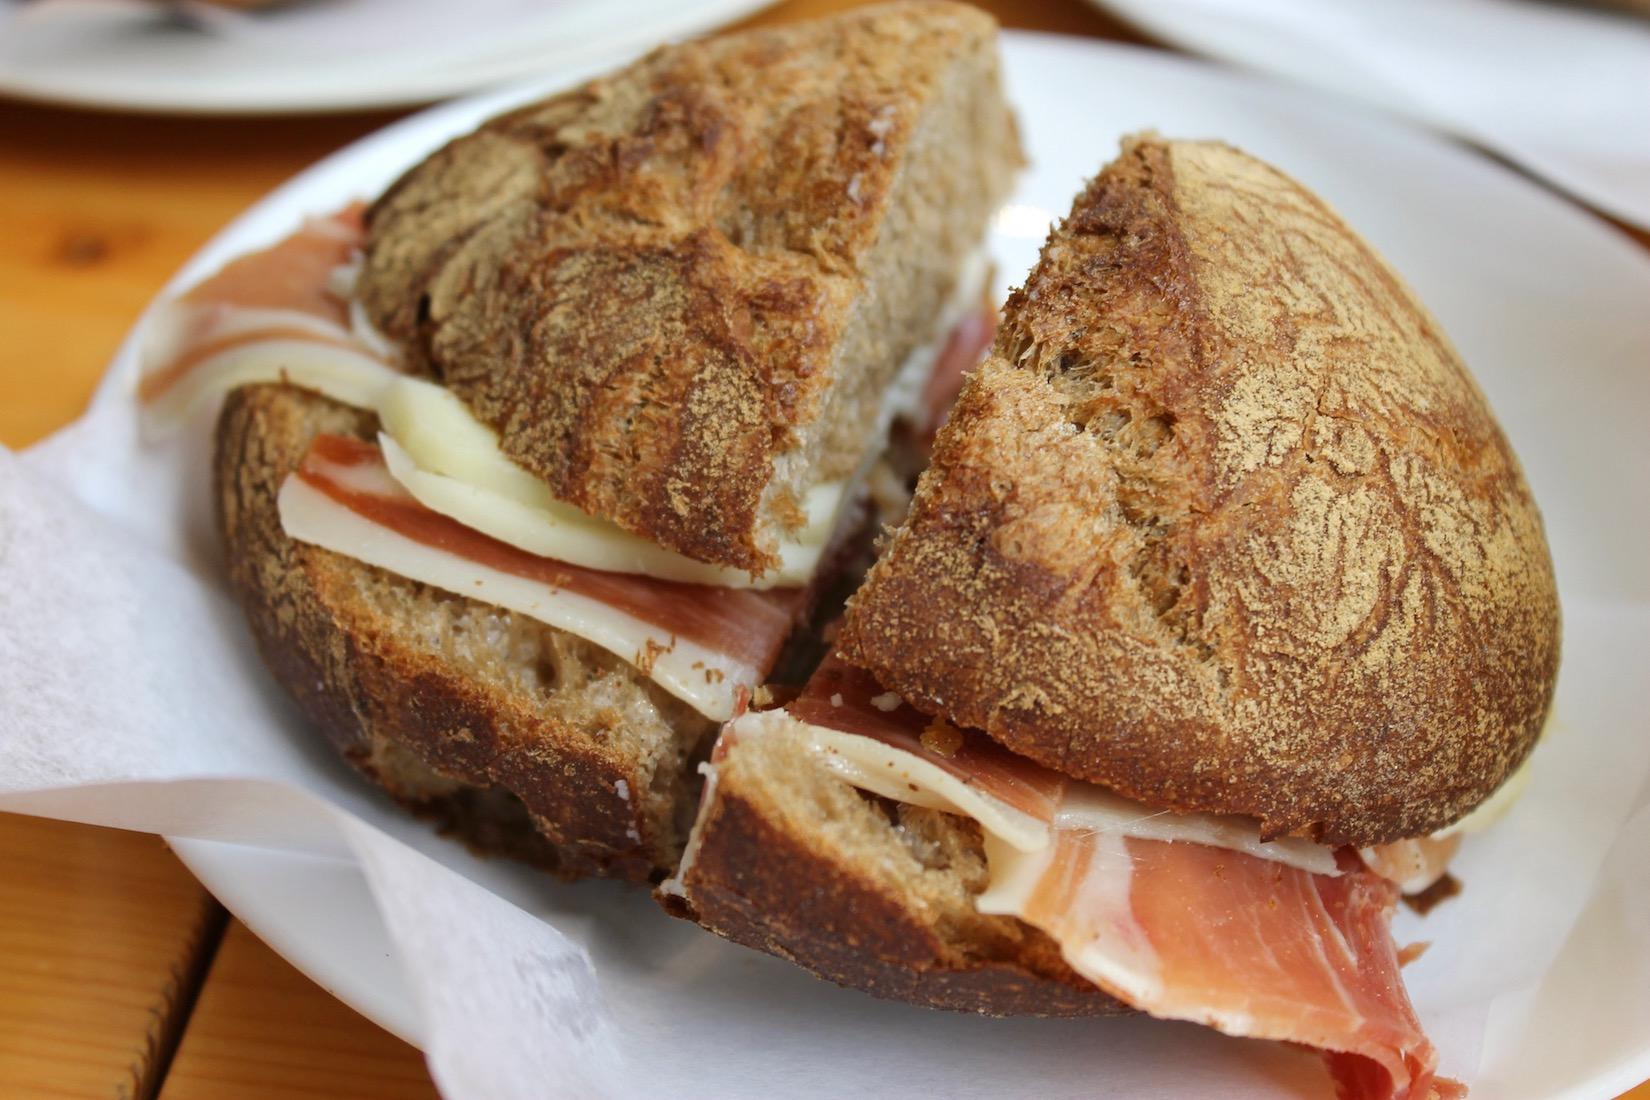 sandwich-a-nova-pombalina